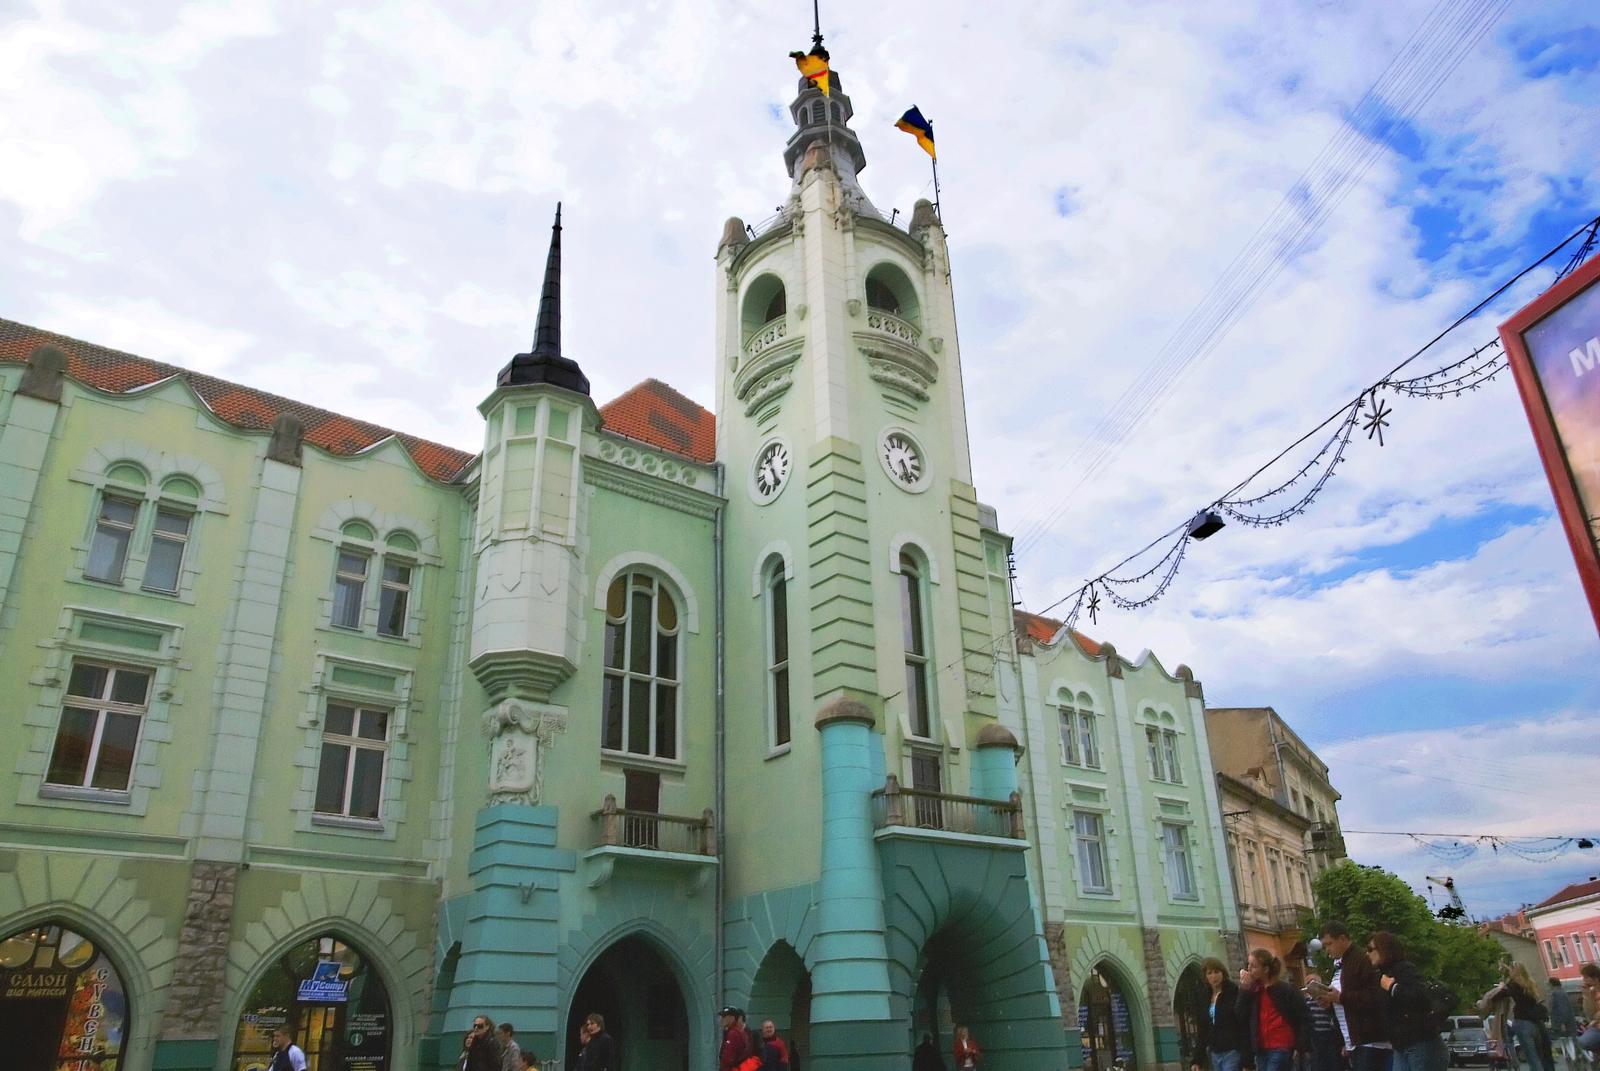 Депутати Мукачівської міськради звернулись до Президента з вимогою підписати законопроект щодо фінансування ПТНЗ